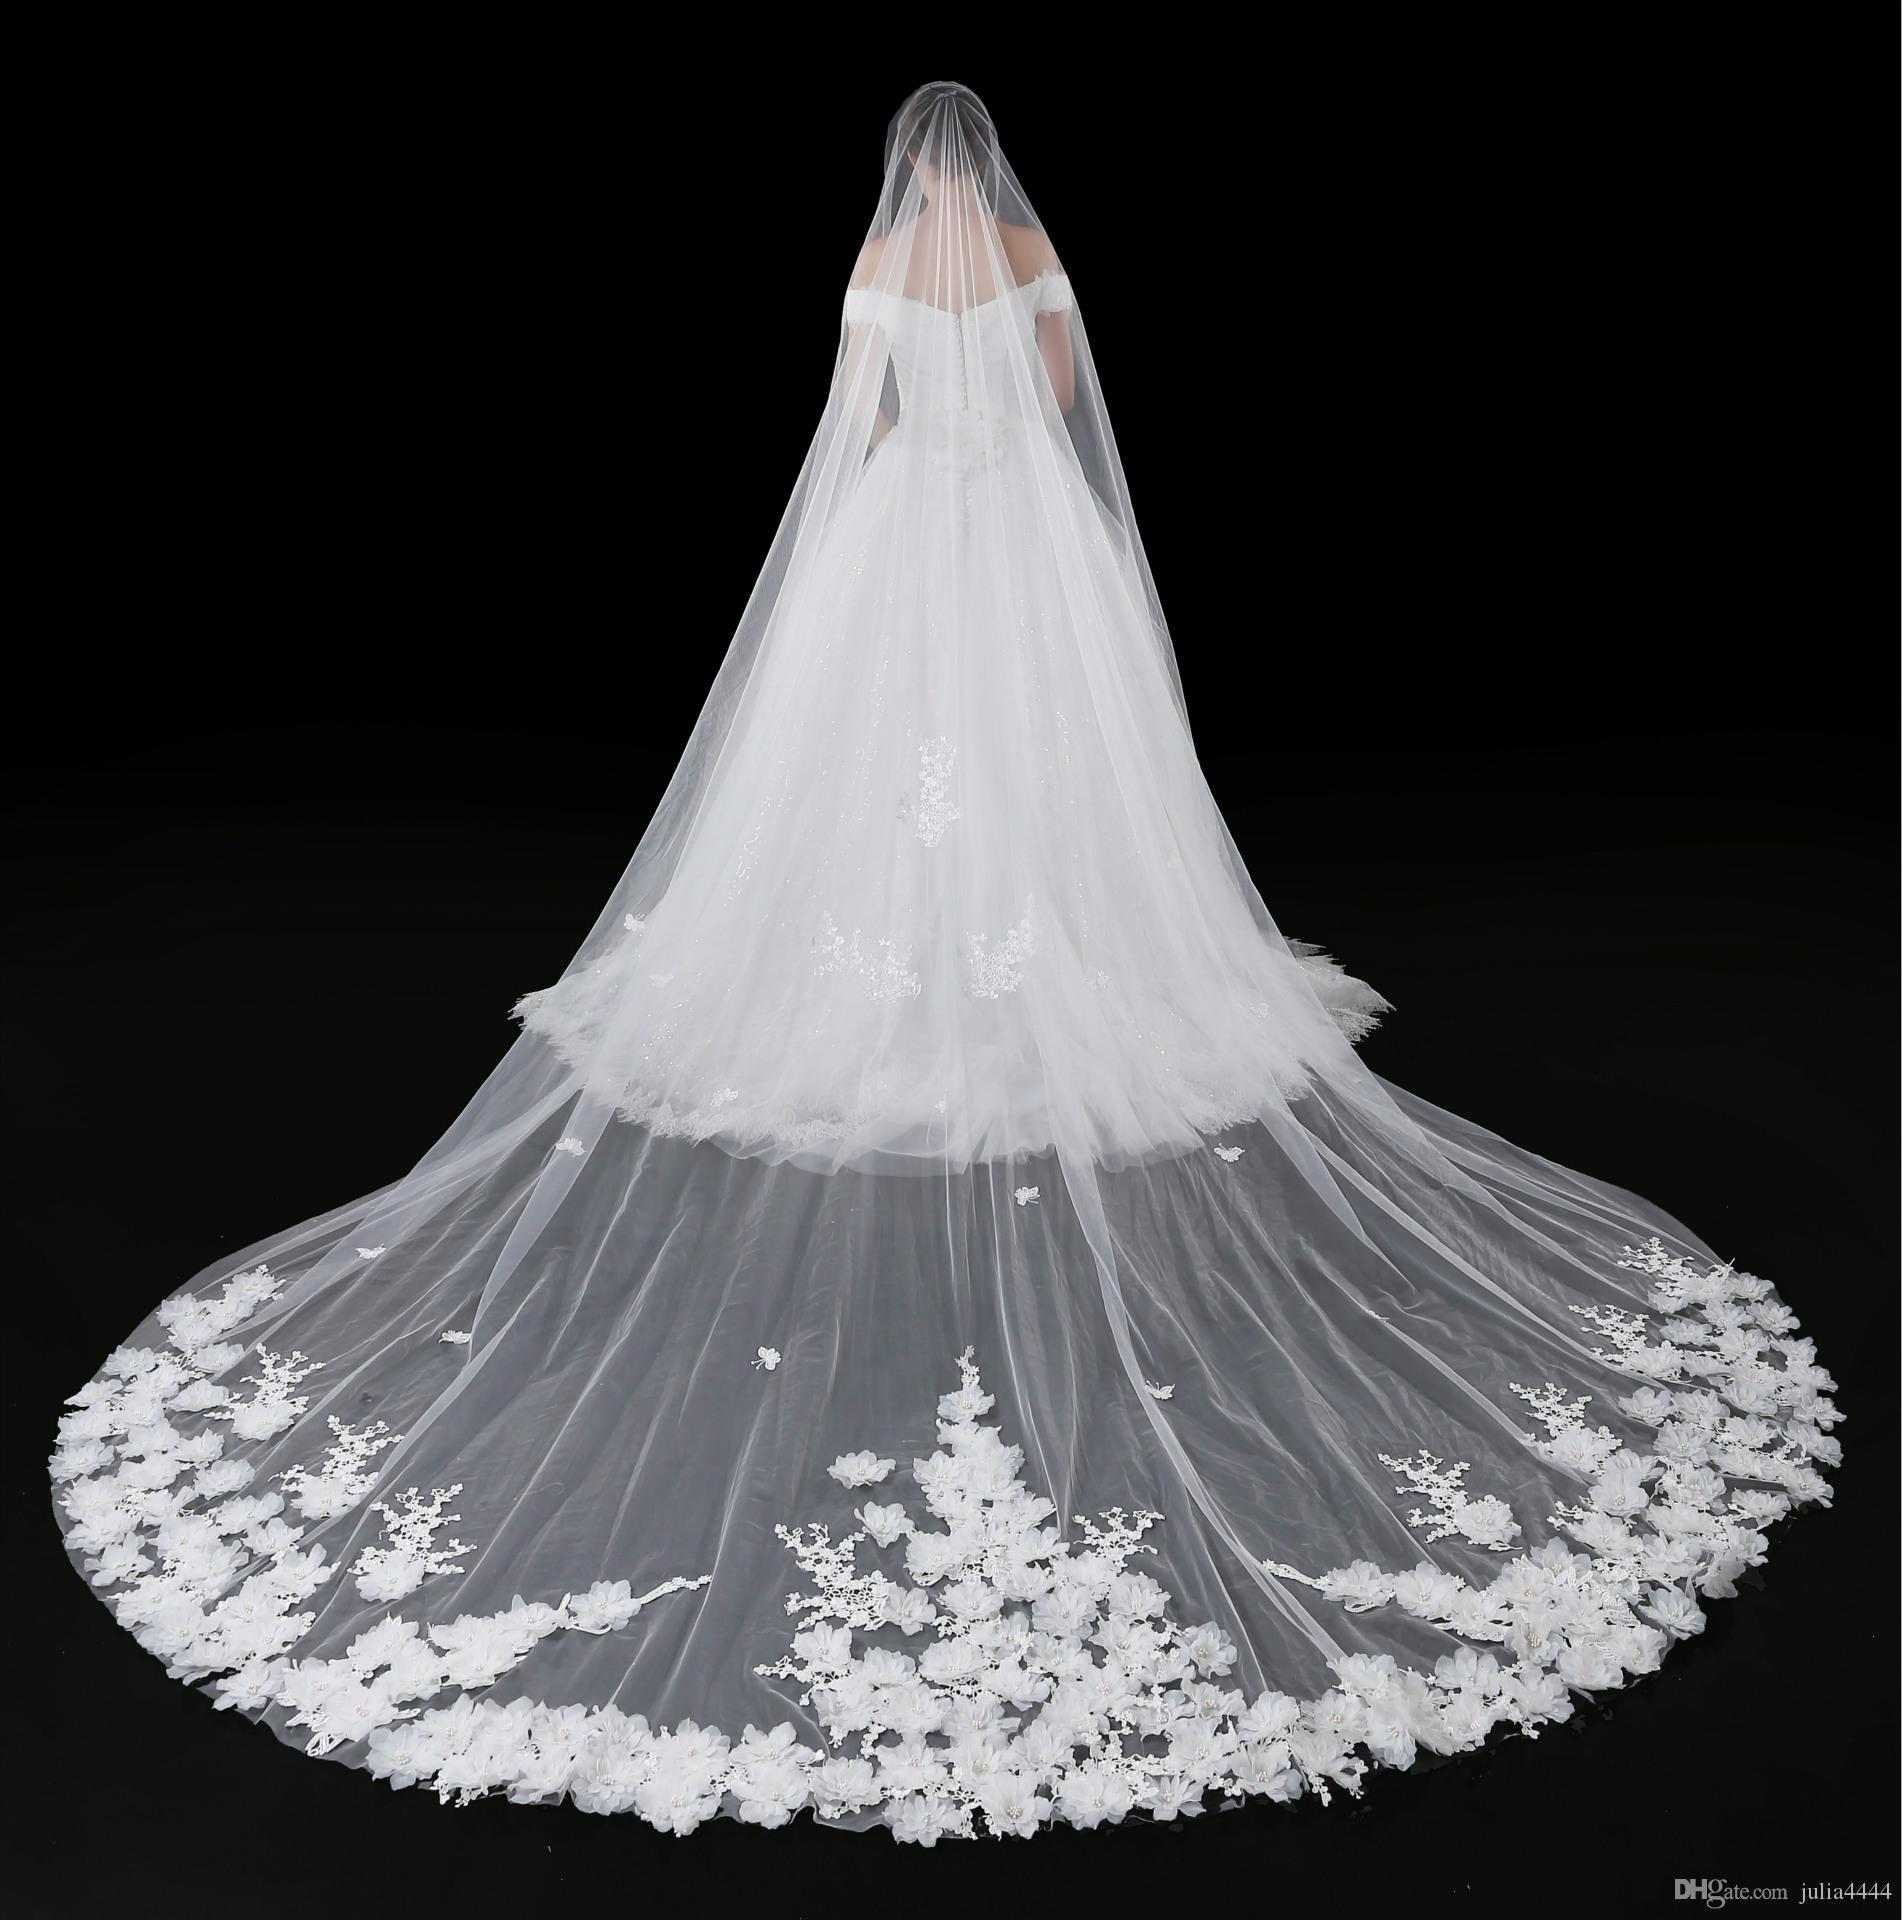 Großhandel 20 Kathedrale Schleier Für Hochzeitskleid Brautkleid 20D Blumen  Weichen Tüll Schnittkante Weiß Elfenbein Tüll Eine Schicht Mit Kamm 20